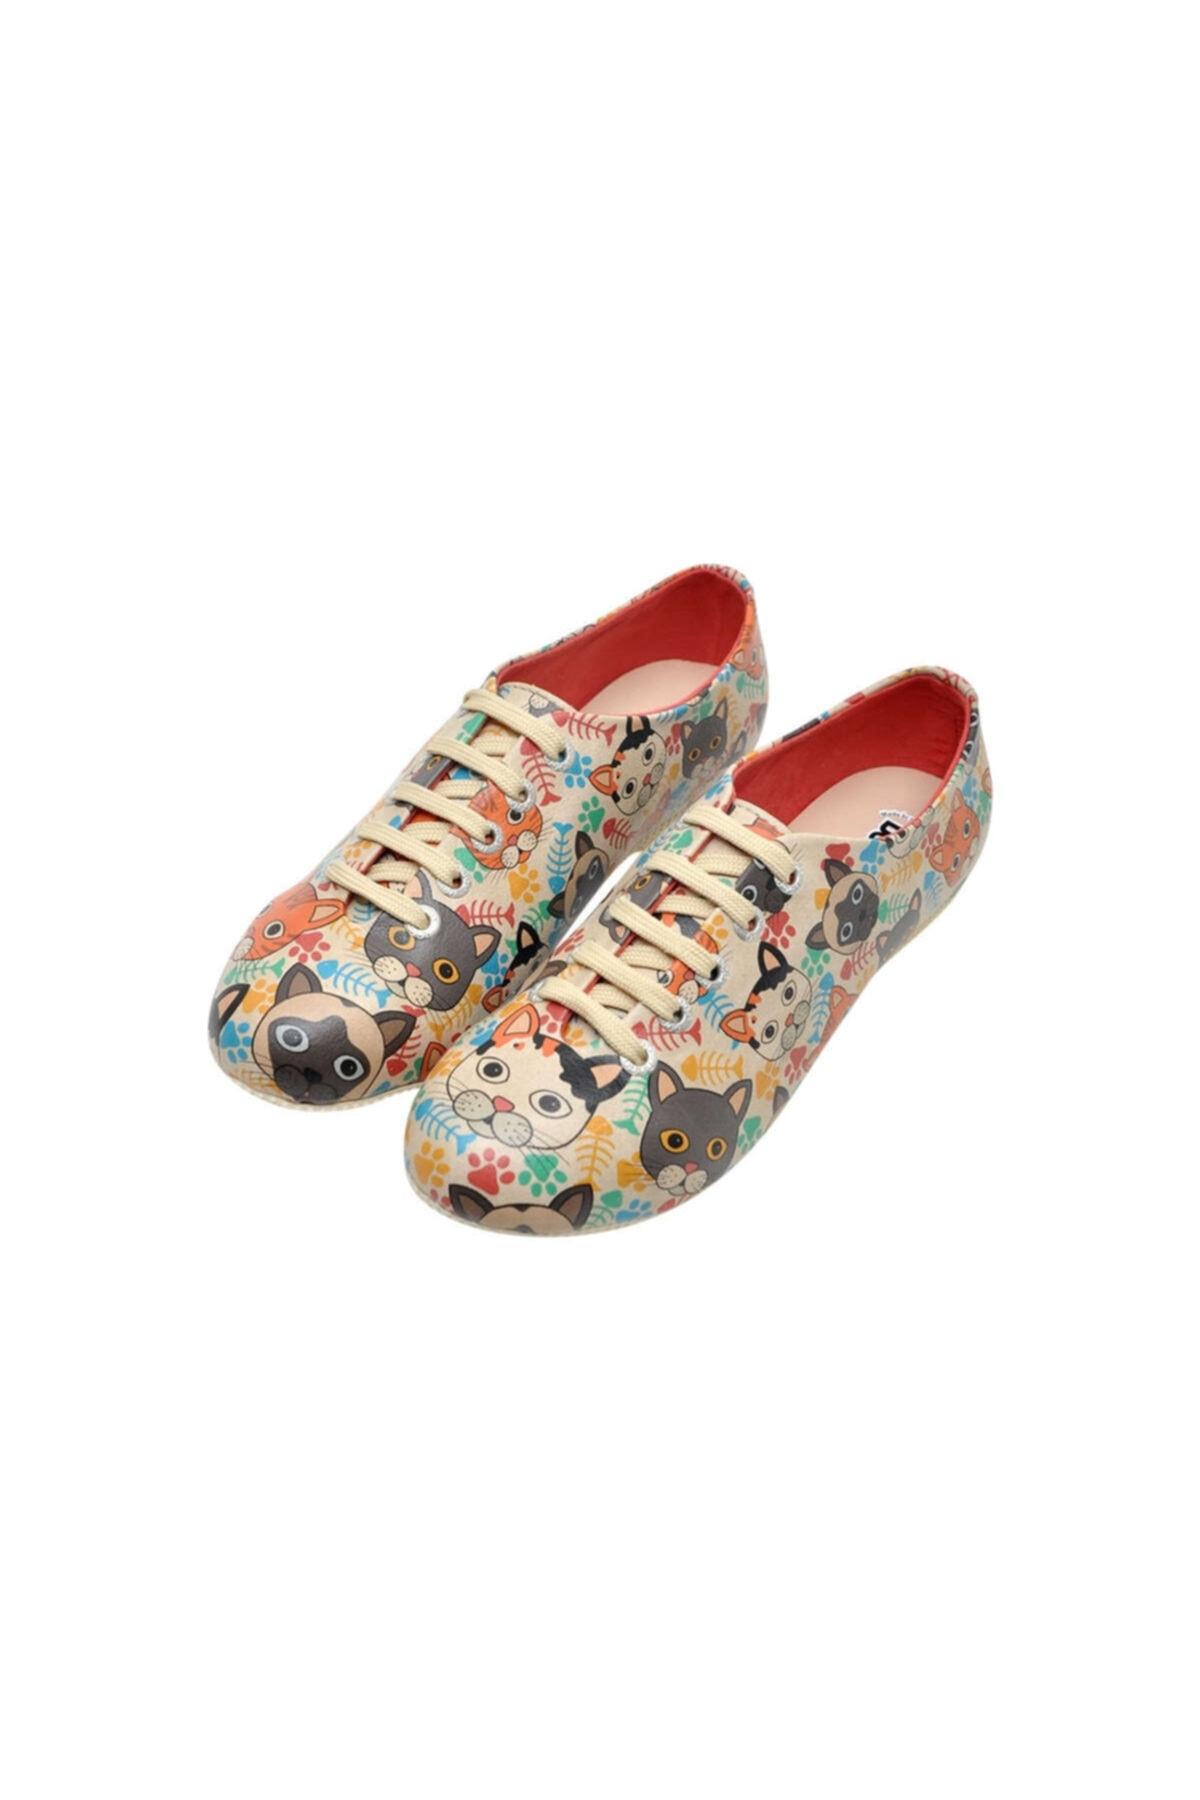 Dogo Kadın Çok Renkli Suni Deri Cat Head Oxford Ayakkabı 1